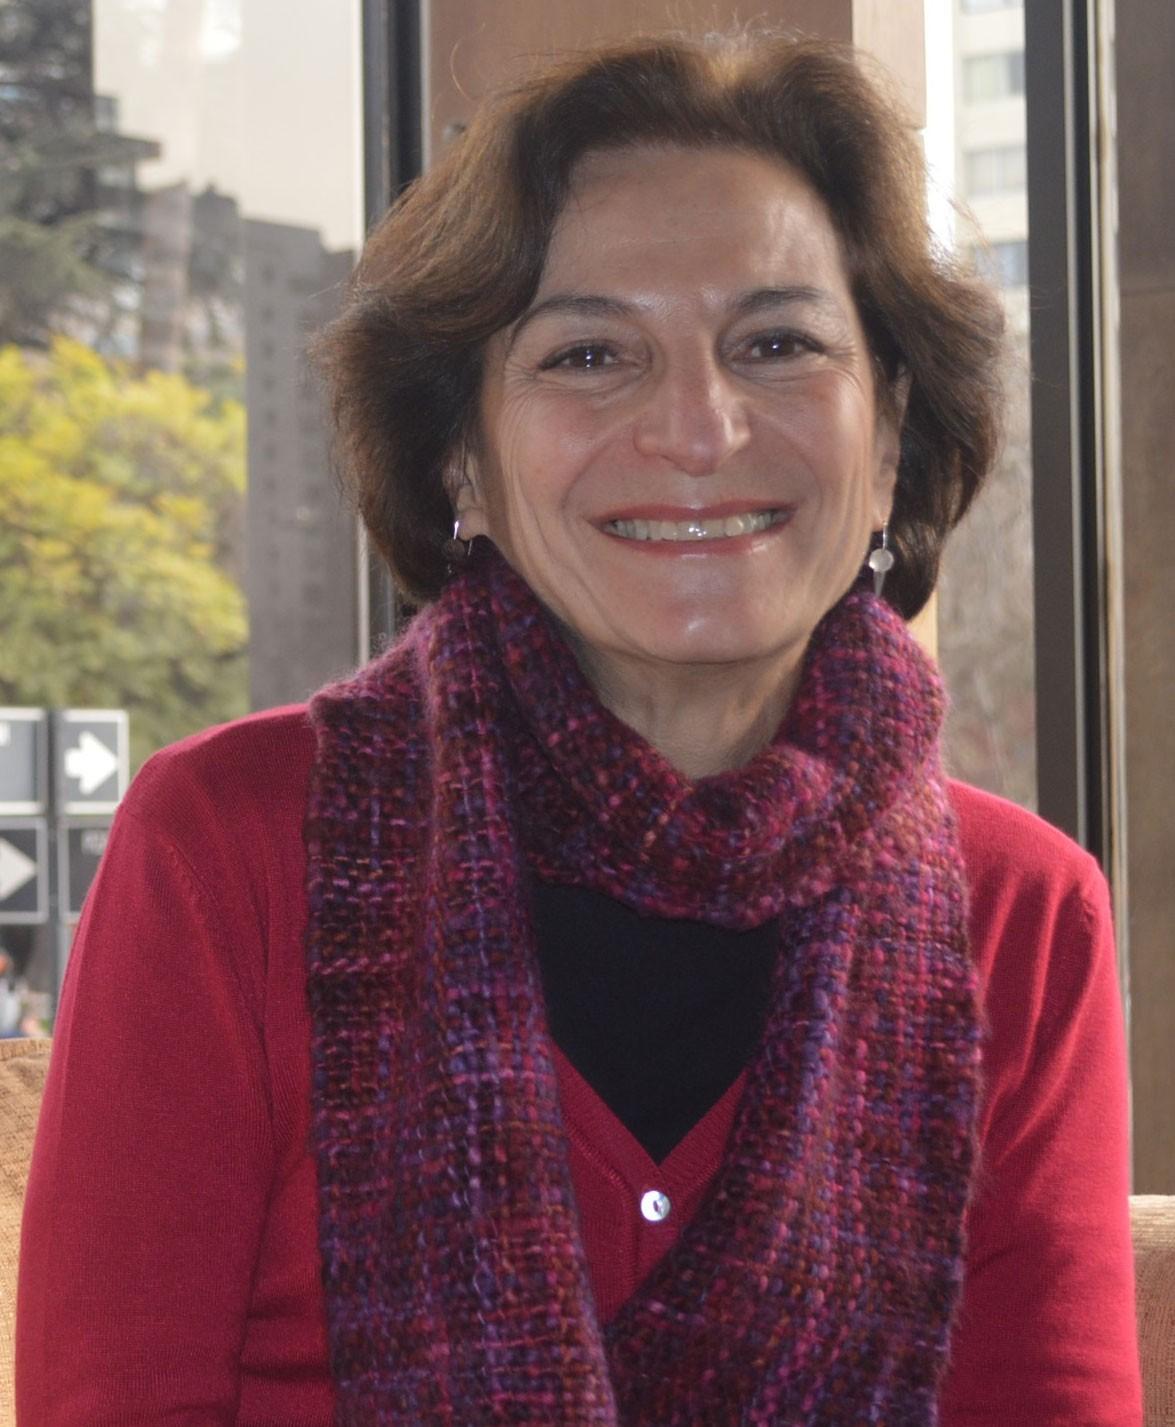 Maria Clara Di Pierro é uma das maiores autoridades do país em Educação de Jovens e Adultos (Foto: Divulgação)